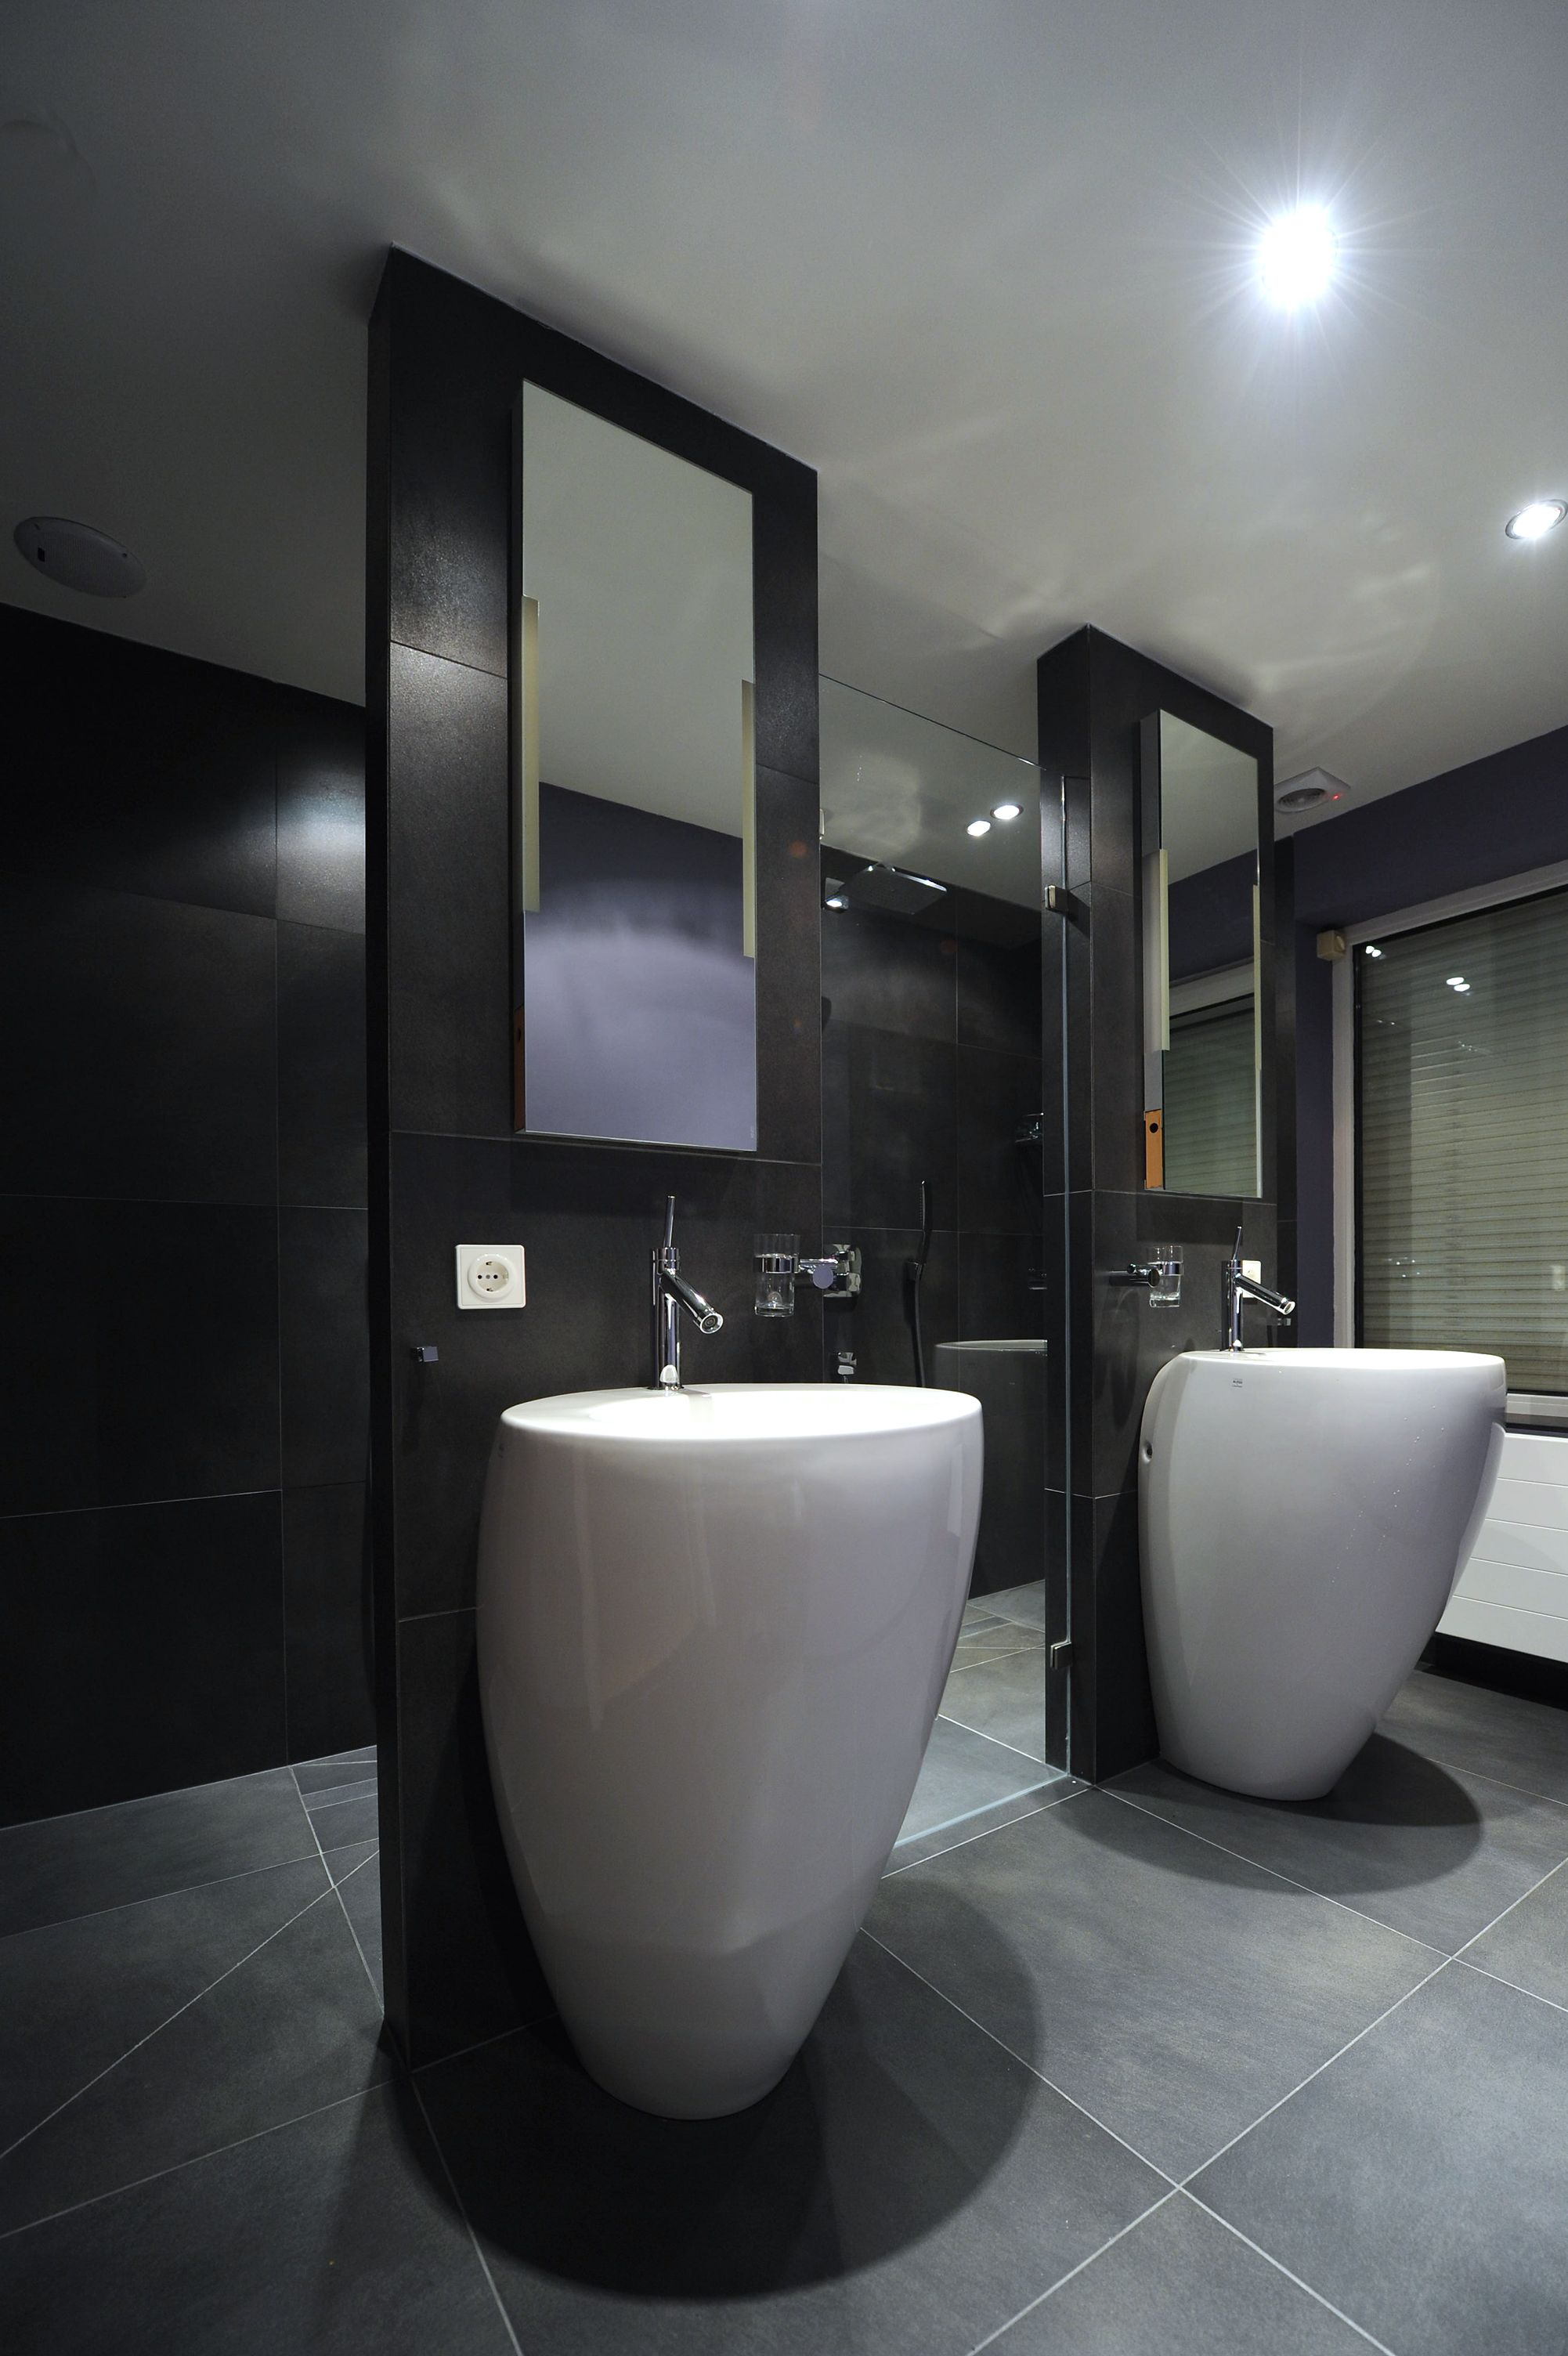 Allessi badkamer met dubbele inloopdouche te Uden | Badkamer ...